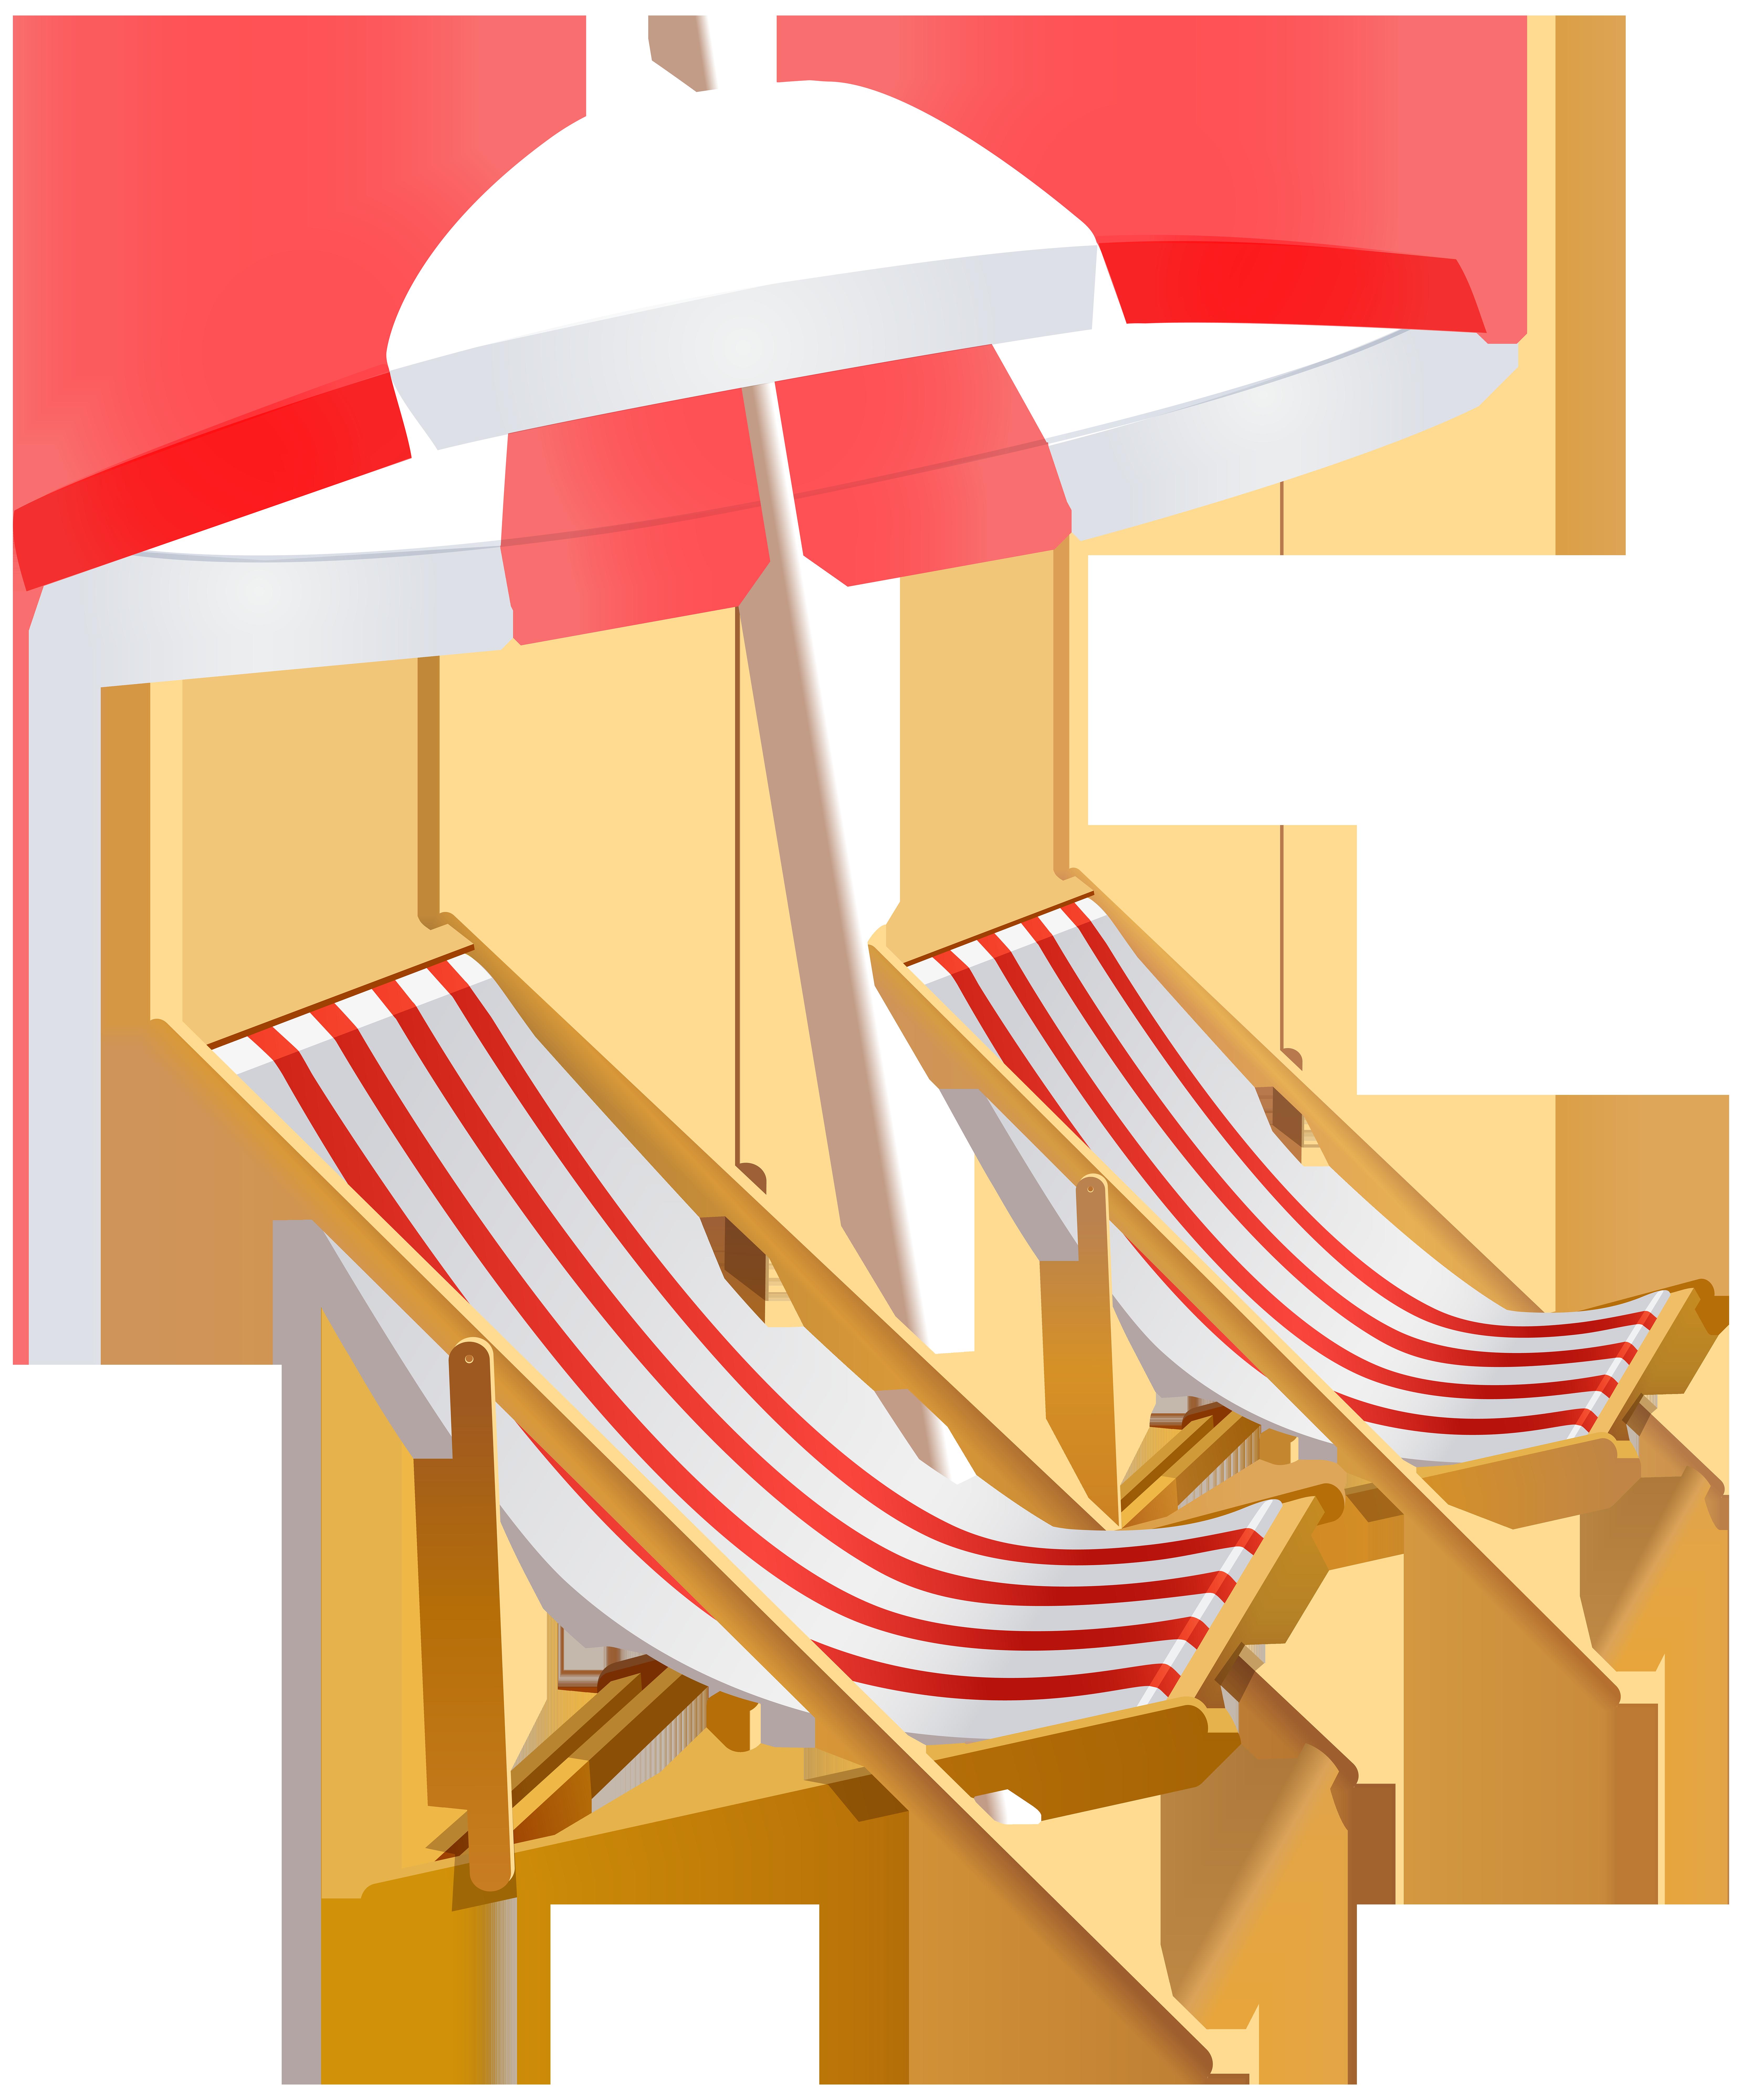 Beach umbrella and chairs. Furniture clipart furniture sale